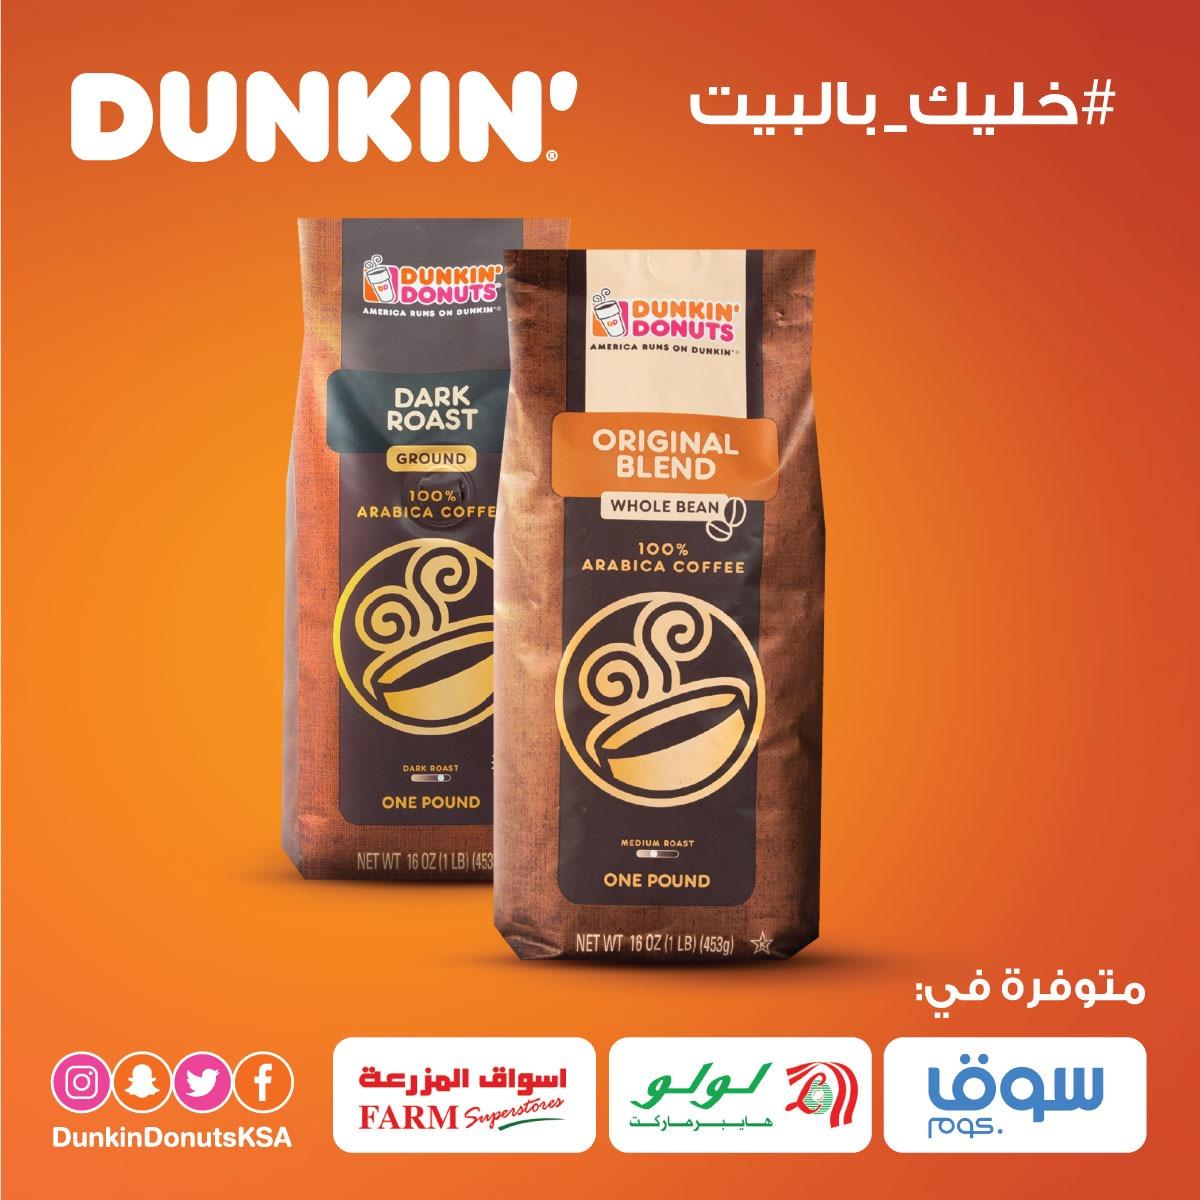 دانكن السعودية On Twitter Modiali16 ايه نعم لدينا أكياس قهوة مخصصه للبيع